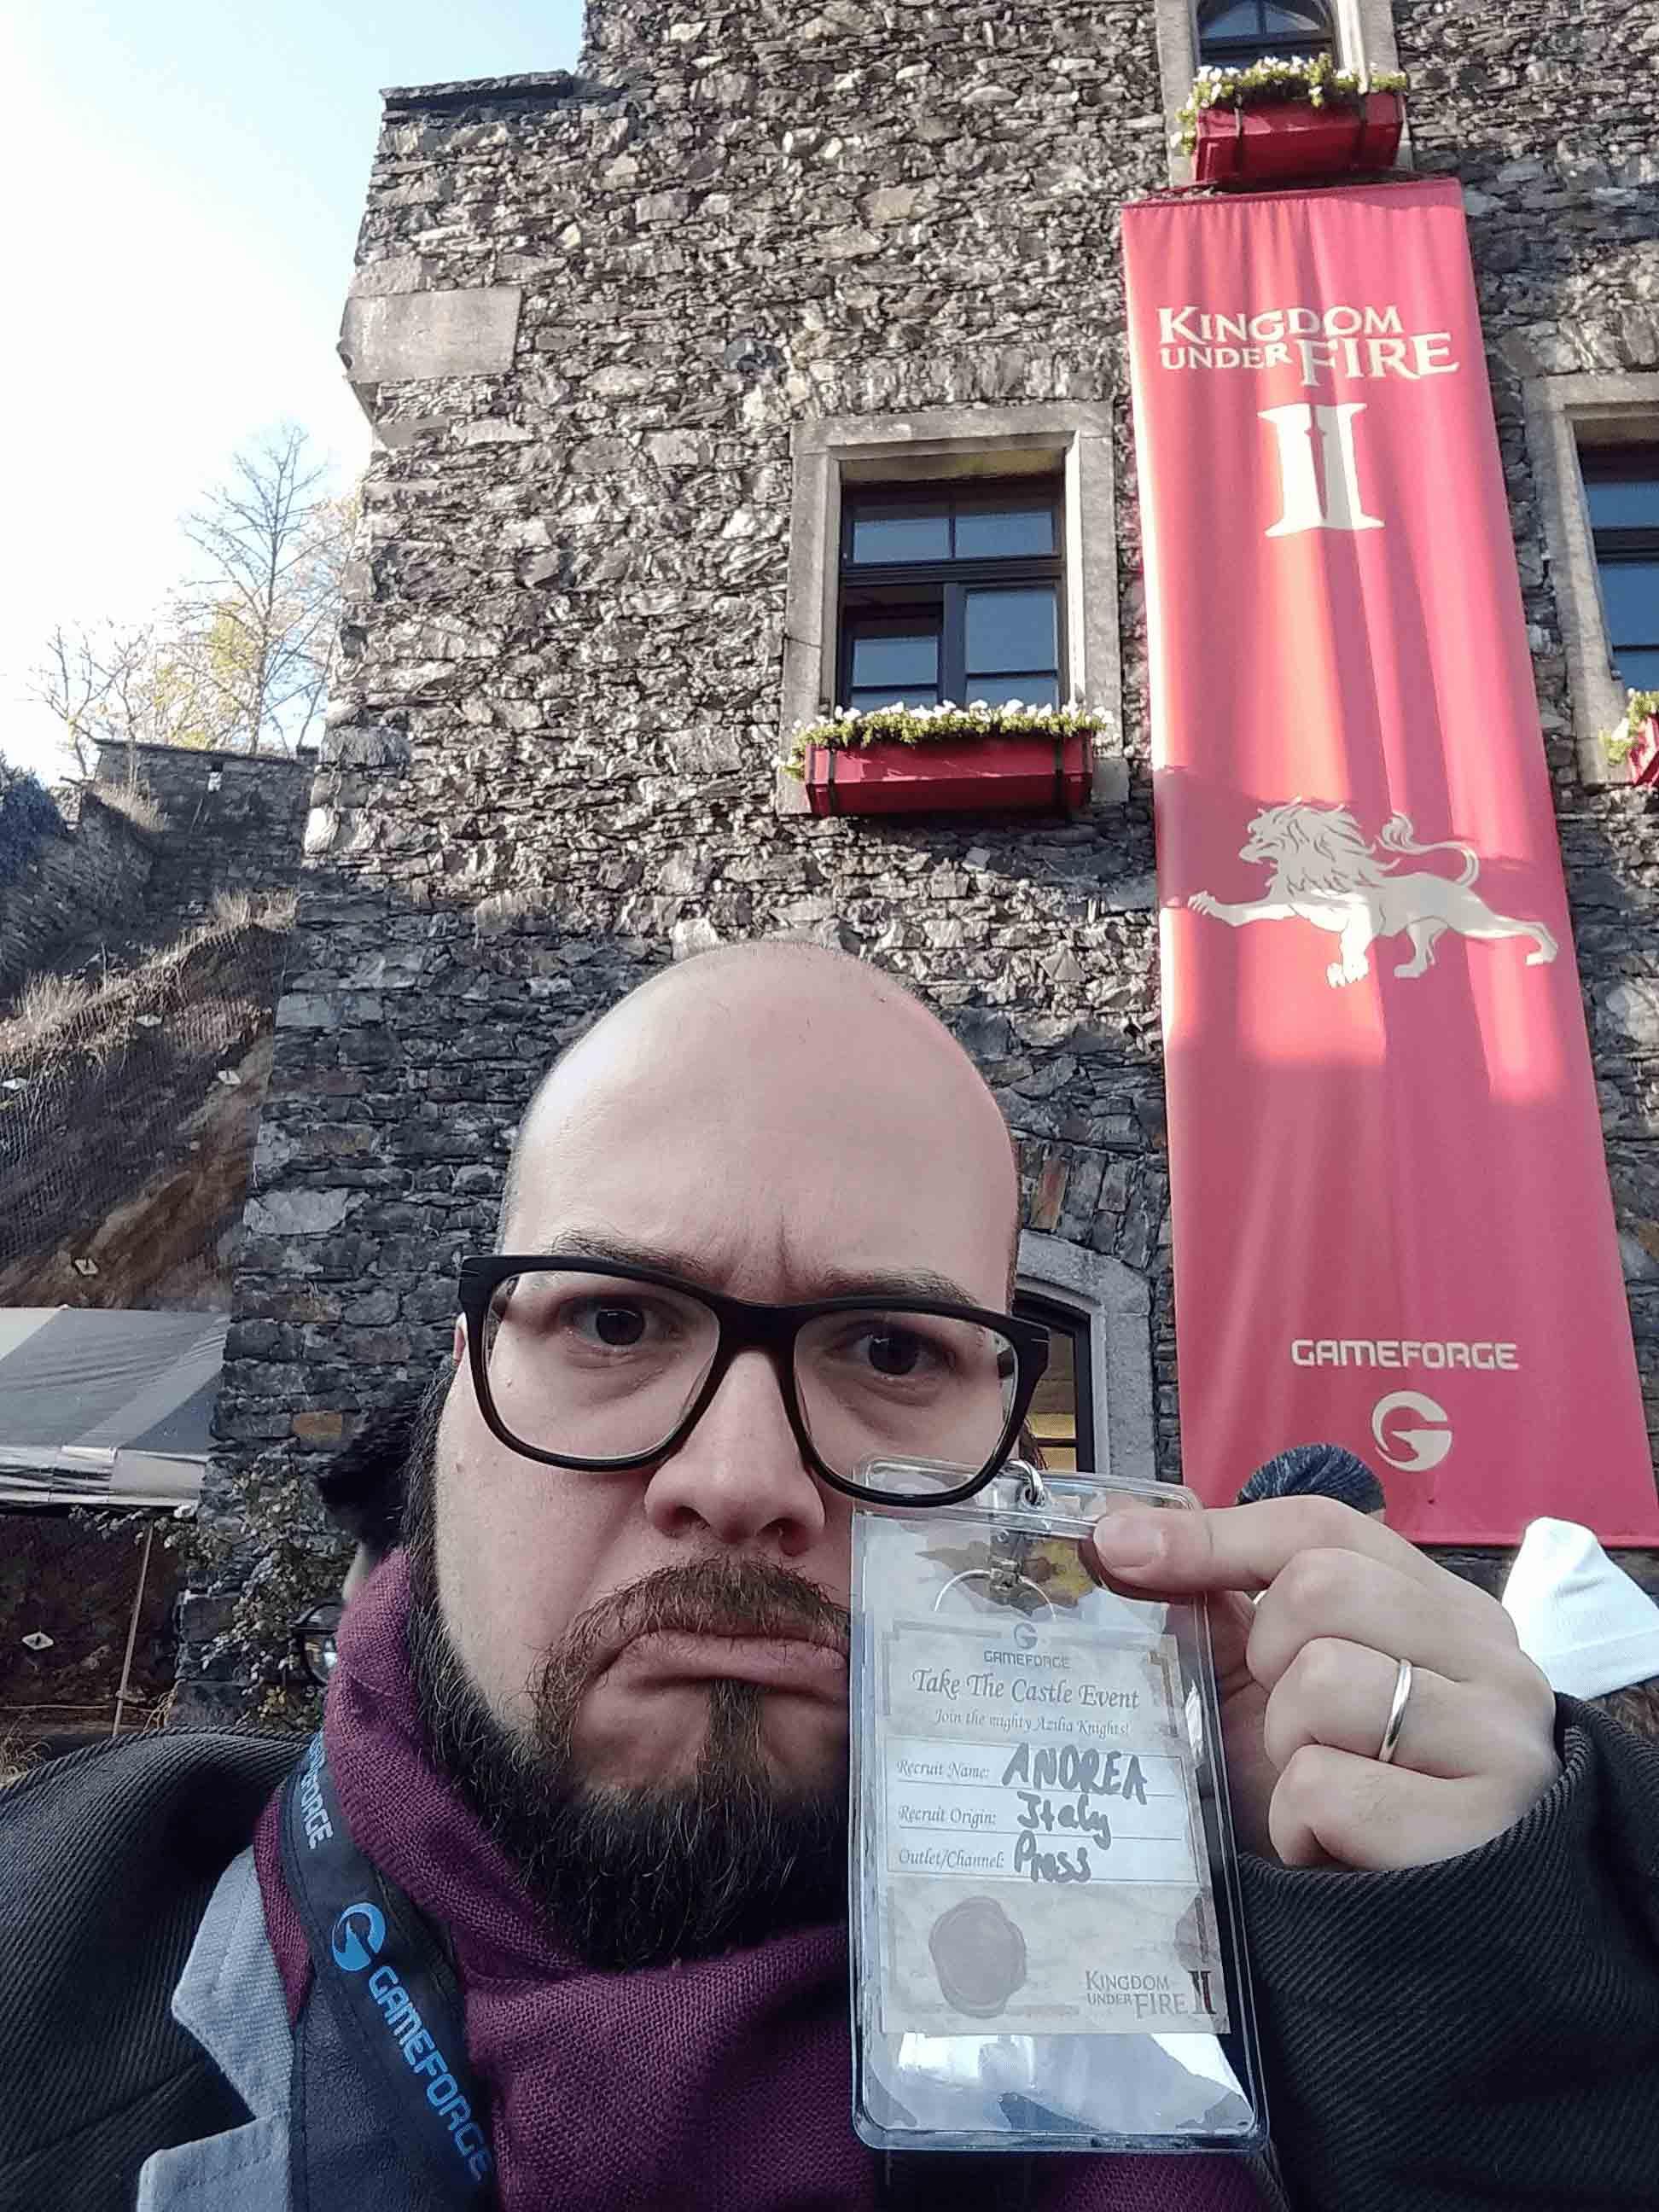 Kingdom Under Fire II - Take the Castle Pre-Launch Evento Castle Reichenstein